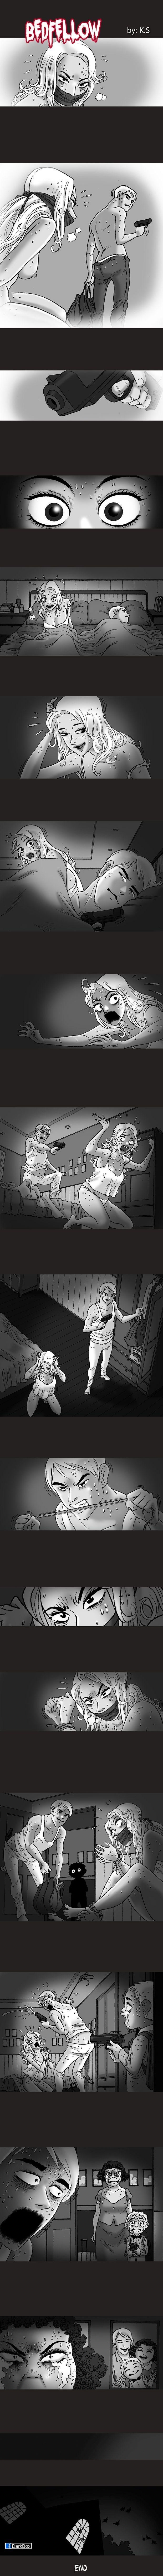 historia de dos ladrones que temen ser traicionados por ambos